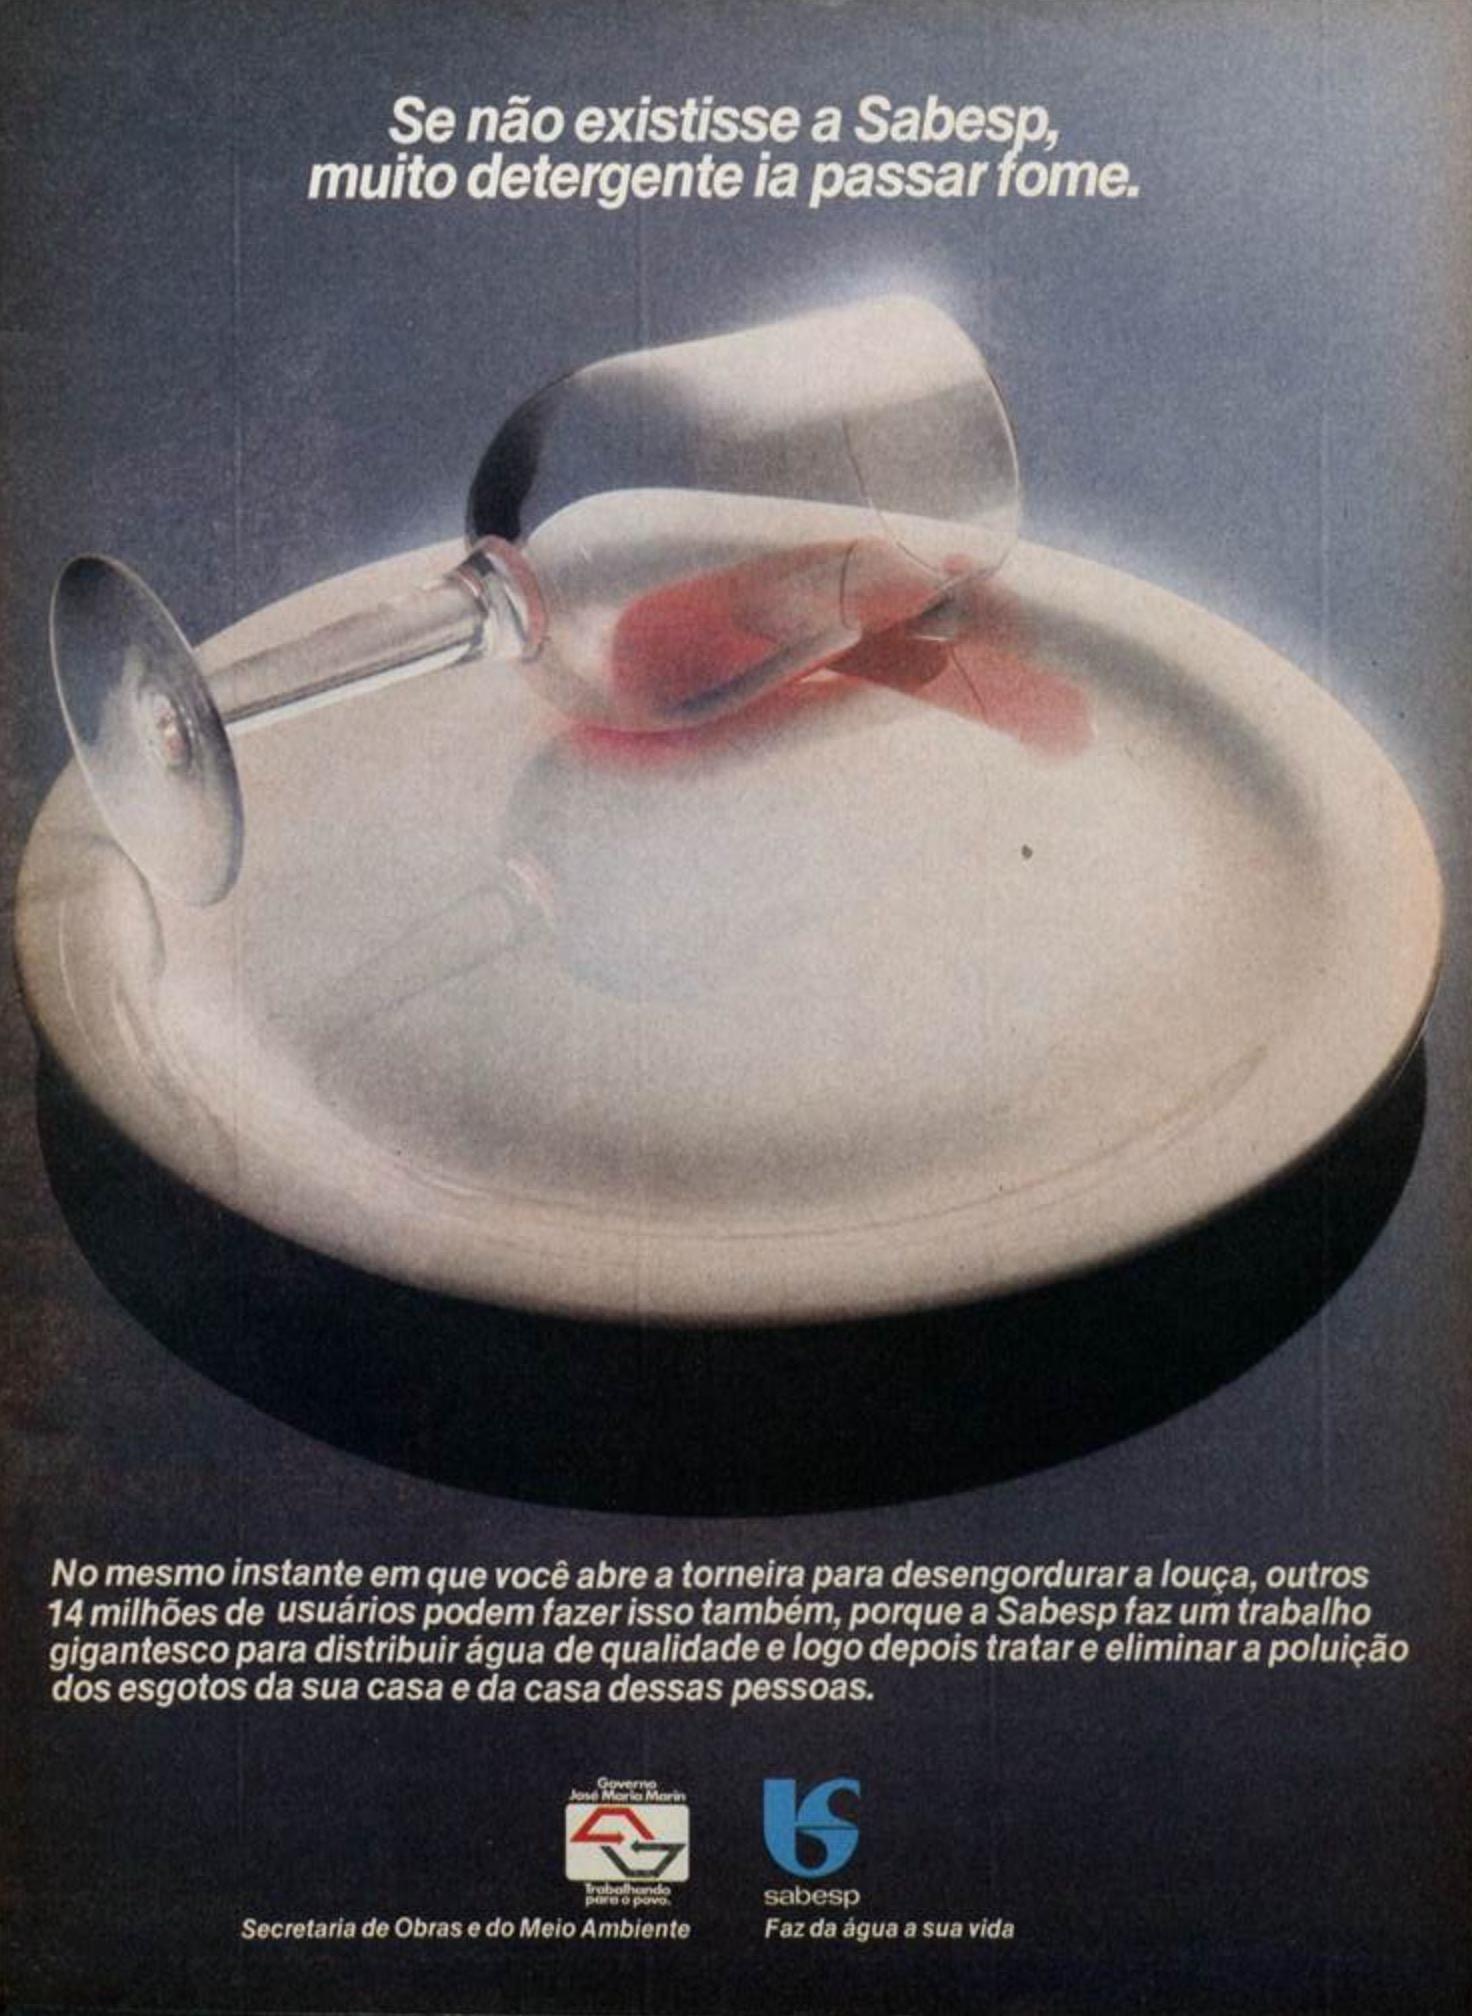 Campanha institucional da Sabesp veiculada em 1982